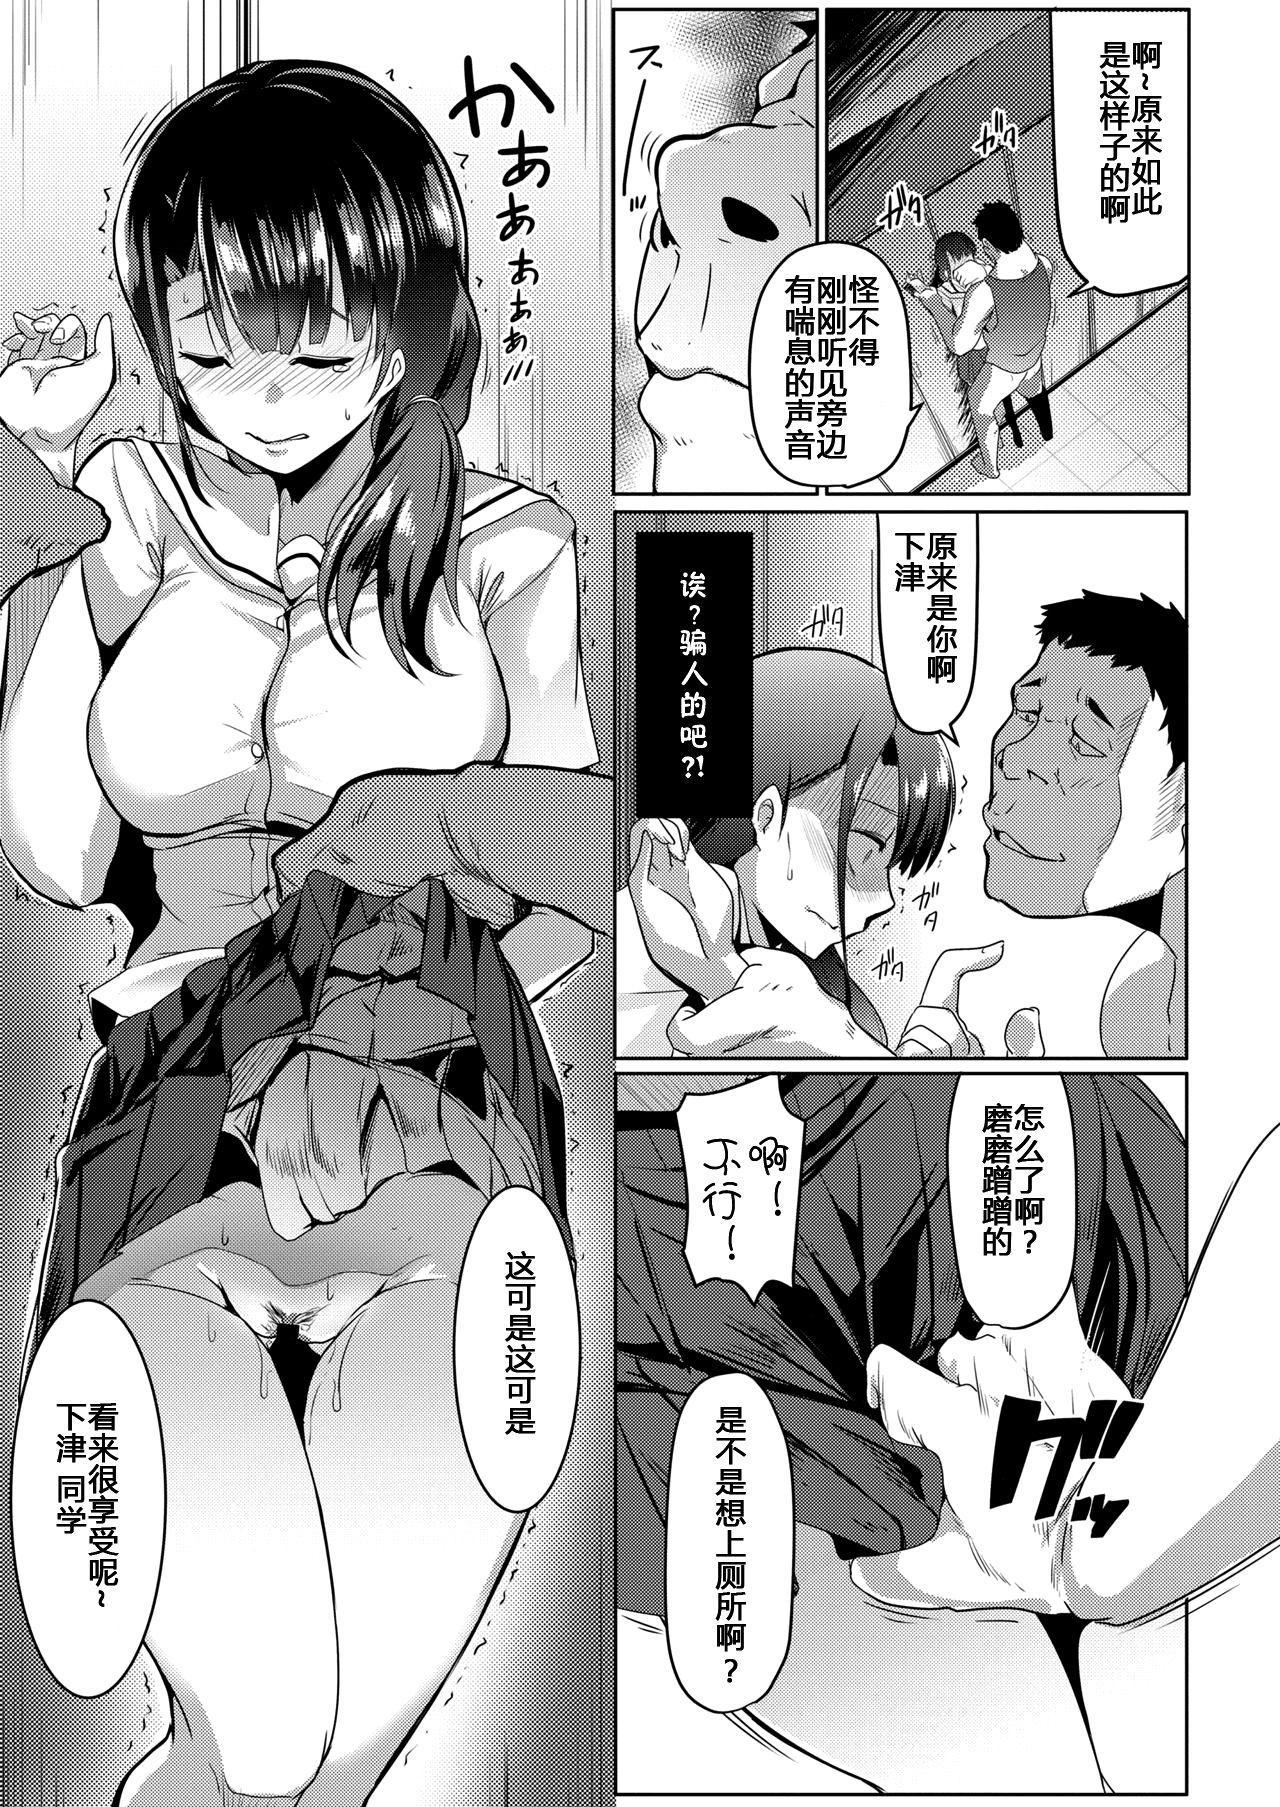 Kanojo no Kouishitsu 6